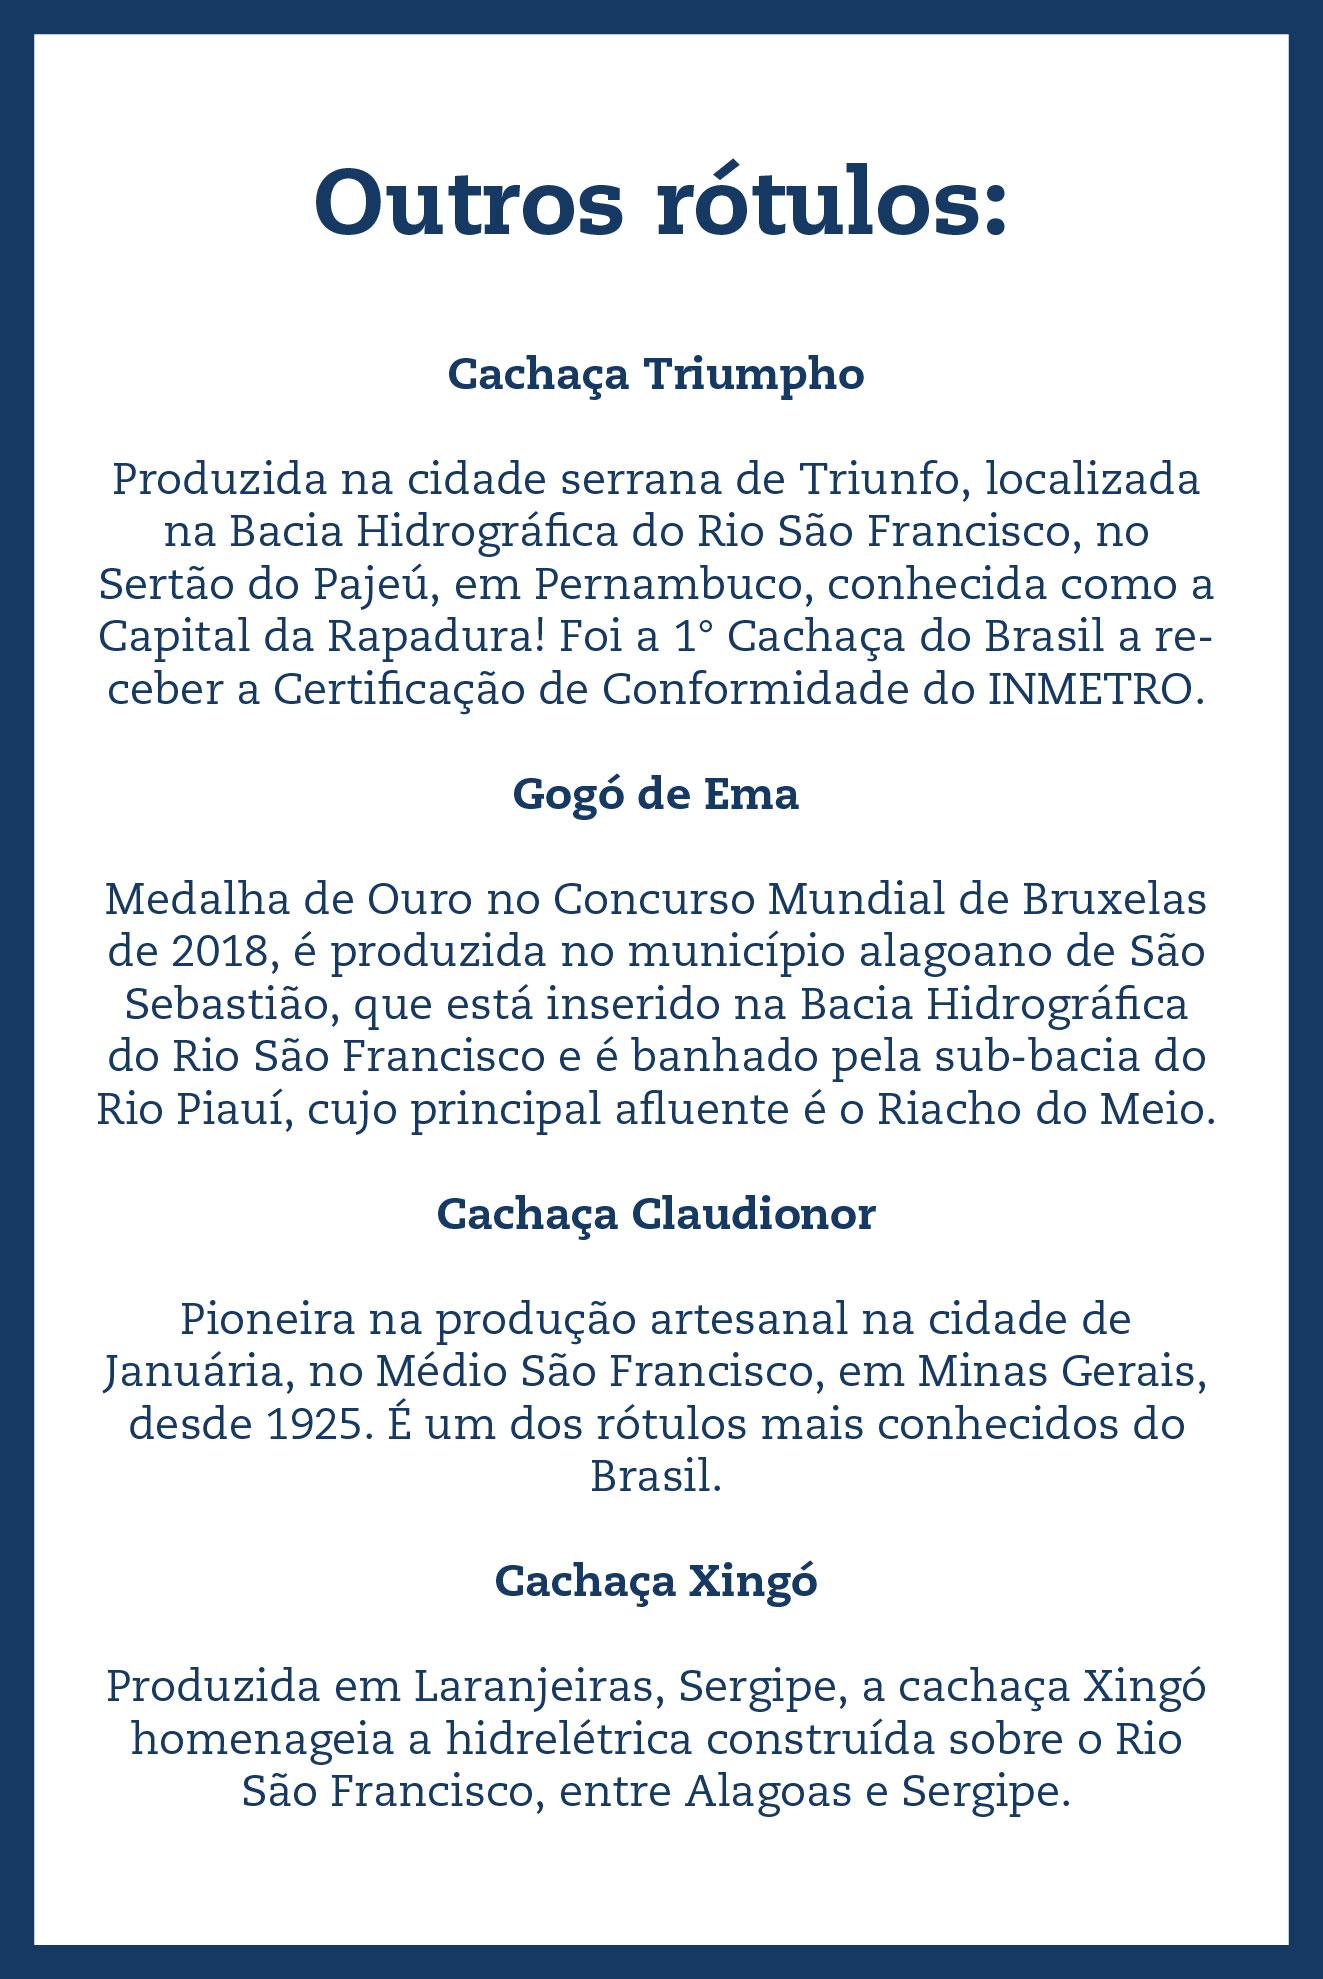 Outros rótulos: Cachaça Triumpho Produzida na cidade serrana de Triunfo, localizada na Bacia Hidrográfica do Rio São Francisco, no Sertão do Pajeú, em Pernambuco, conhecida como a Capital da Rapadura! Foi a 1° Cachaça do Brasil a receber a Certificação de Conformidade do INMETRO. Gogó de Ema Medalha de Ouro no Concurso Mundial de Bruxelas de 2018, é produzida no município alagoano de São Sebastião, que está inserido na Bacia Hidrográfica do Rio São Francisco e é banhado pela sub-bacia do Rio Piauí, cujo principal afluente é o Riacho do Meio. Cachaça Claudionor Pioneira na produção artesanal na cidade de Januária, no Médio São Francisco, em Minas Gerais, desde 1925. É um dos rótulos mais conhecidos do Brasil. Cachaça Xingó Produzida em Laranjeiras, Sergipe, a cachaça Xingó homenageia a hidrelétrica construída sobre o Rio São Francisco, entre Alagoas e Sergipe.